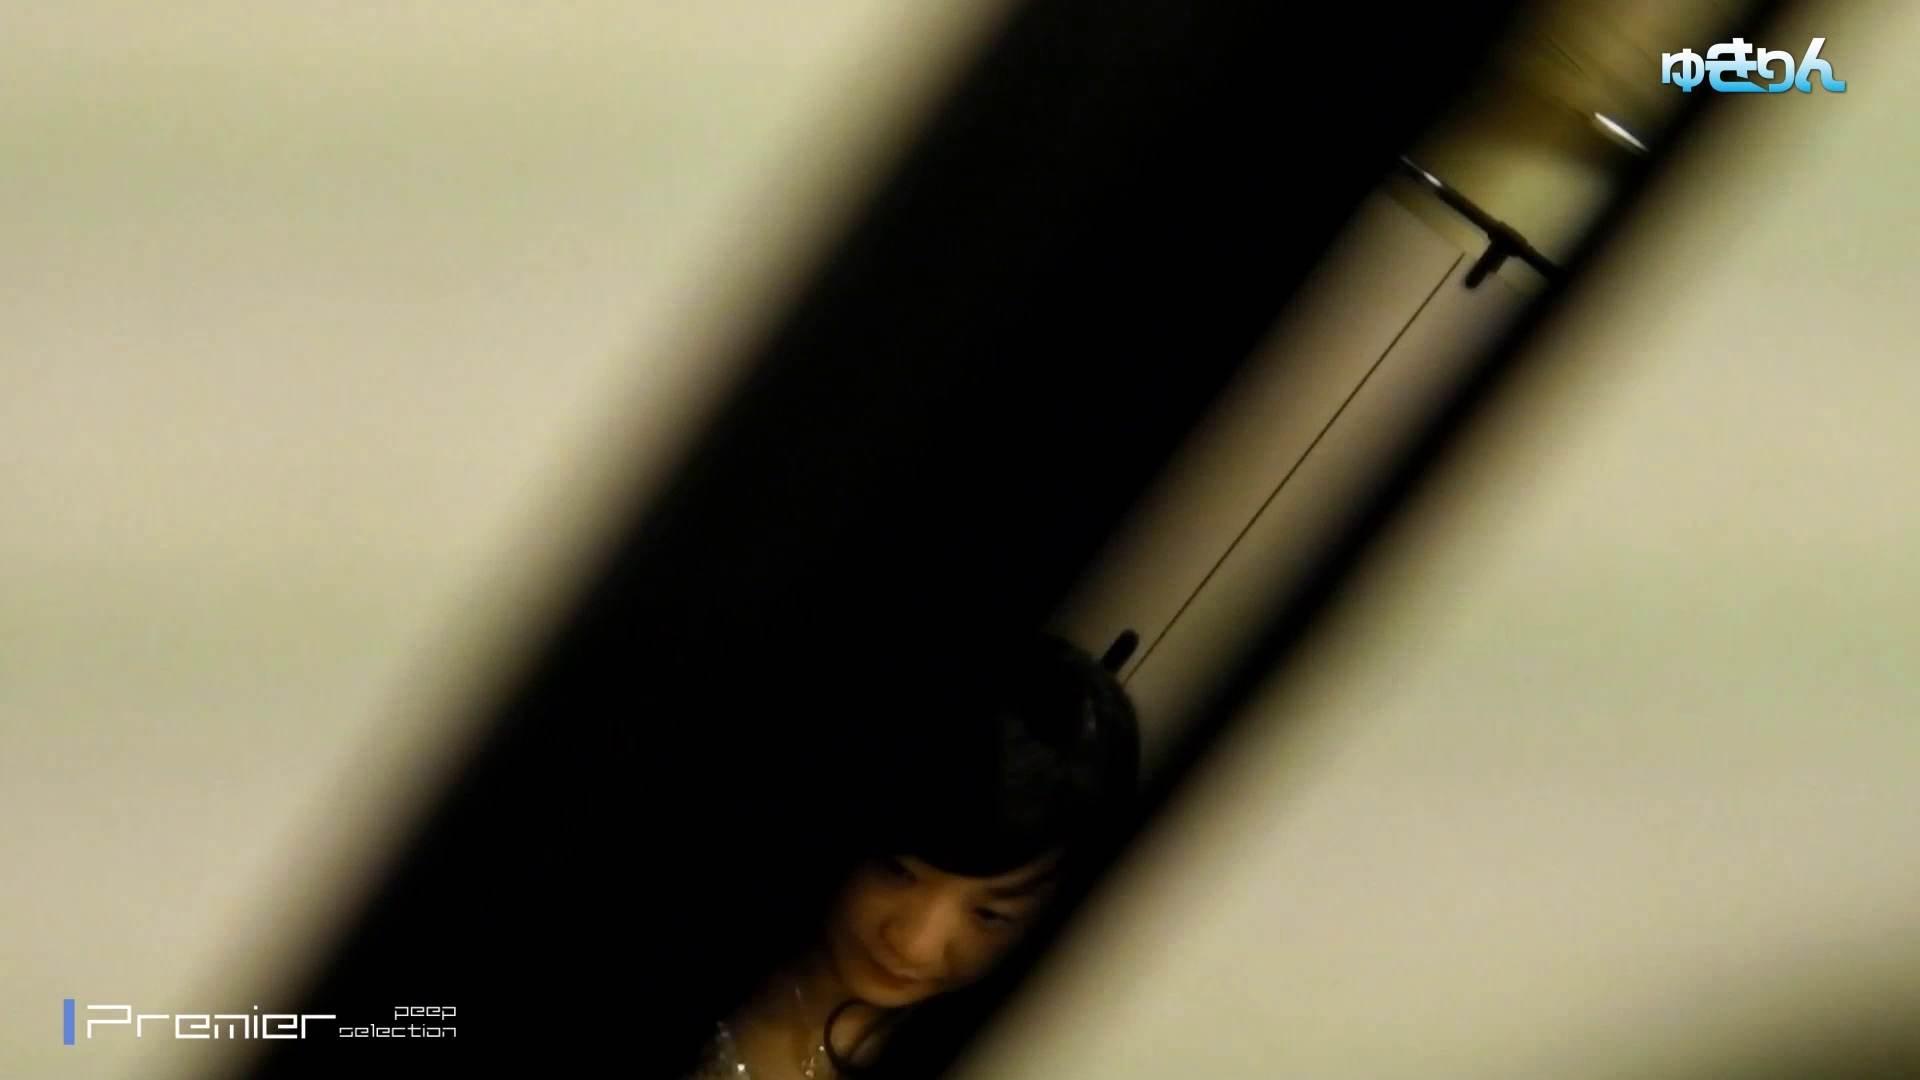 新世界の射窓 No89 あの有名のショーに出ているモデルが偶然に利用するという 洗面所   0  58pic 21